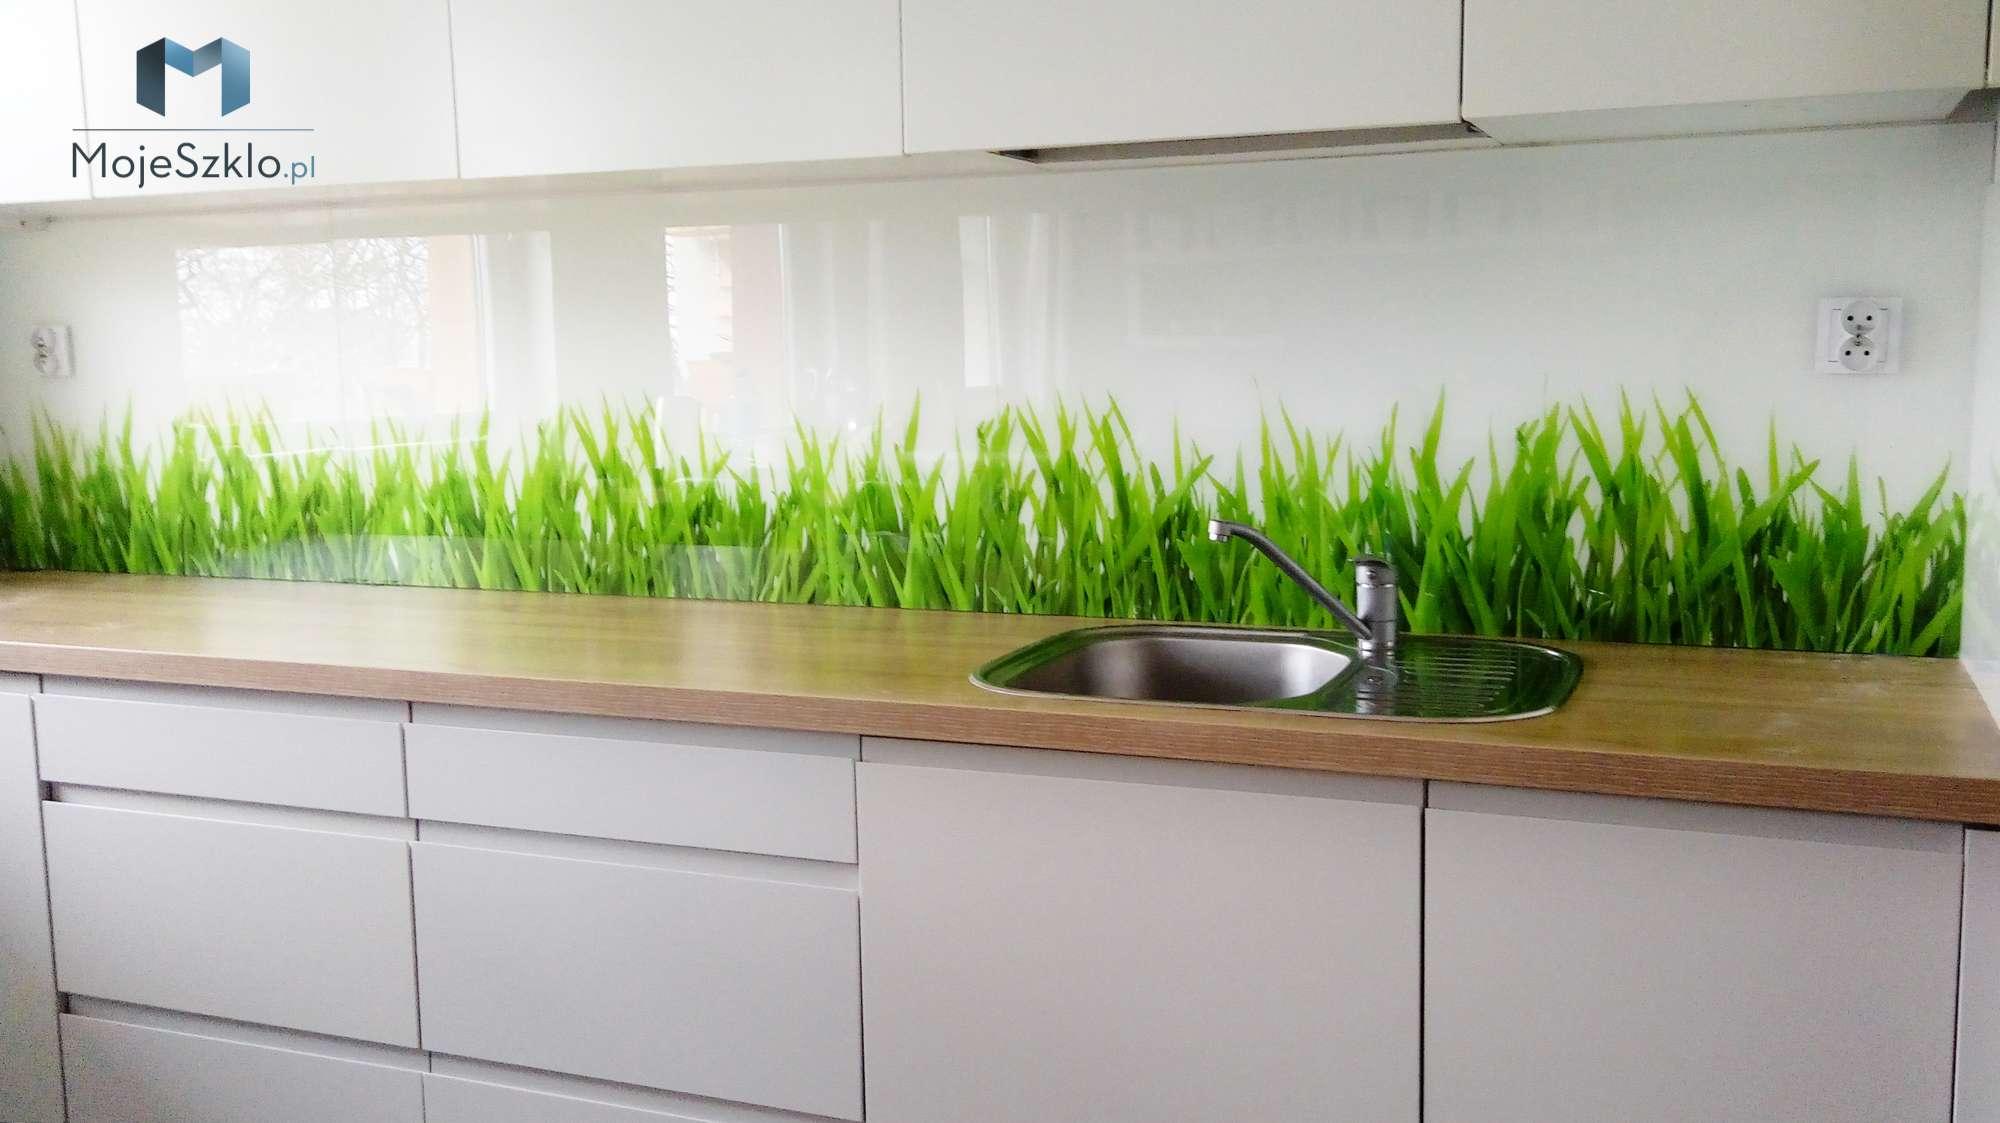 Szklo Do Kuchni Trawa - Szyba hartowana z nadrukiem trawy